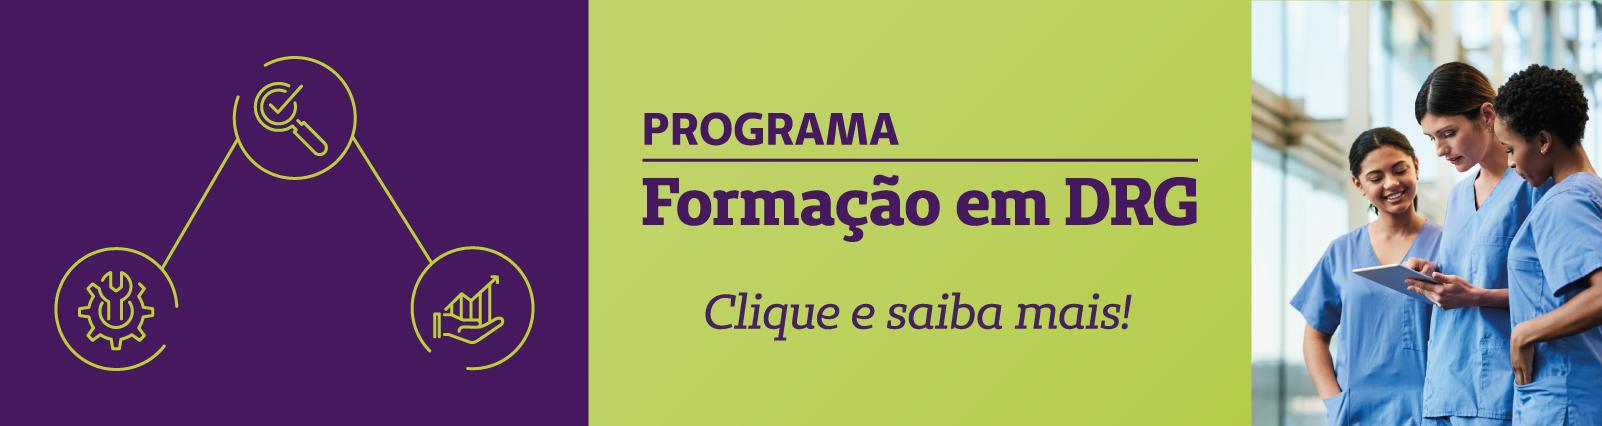 Programa Formação em DRG